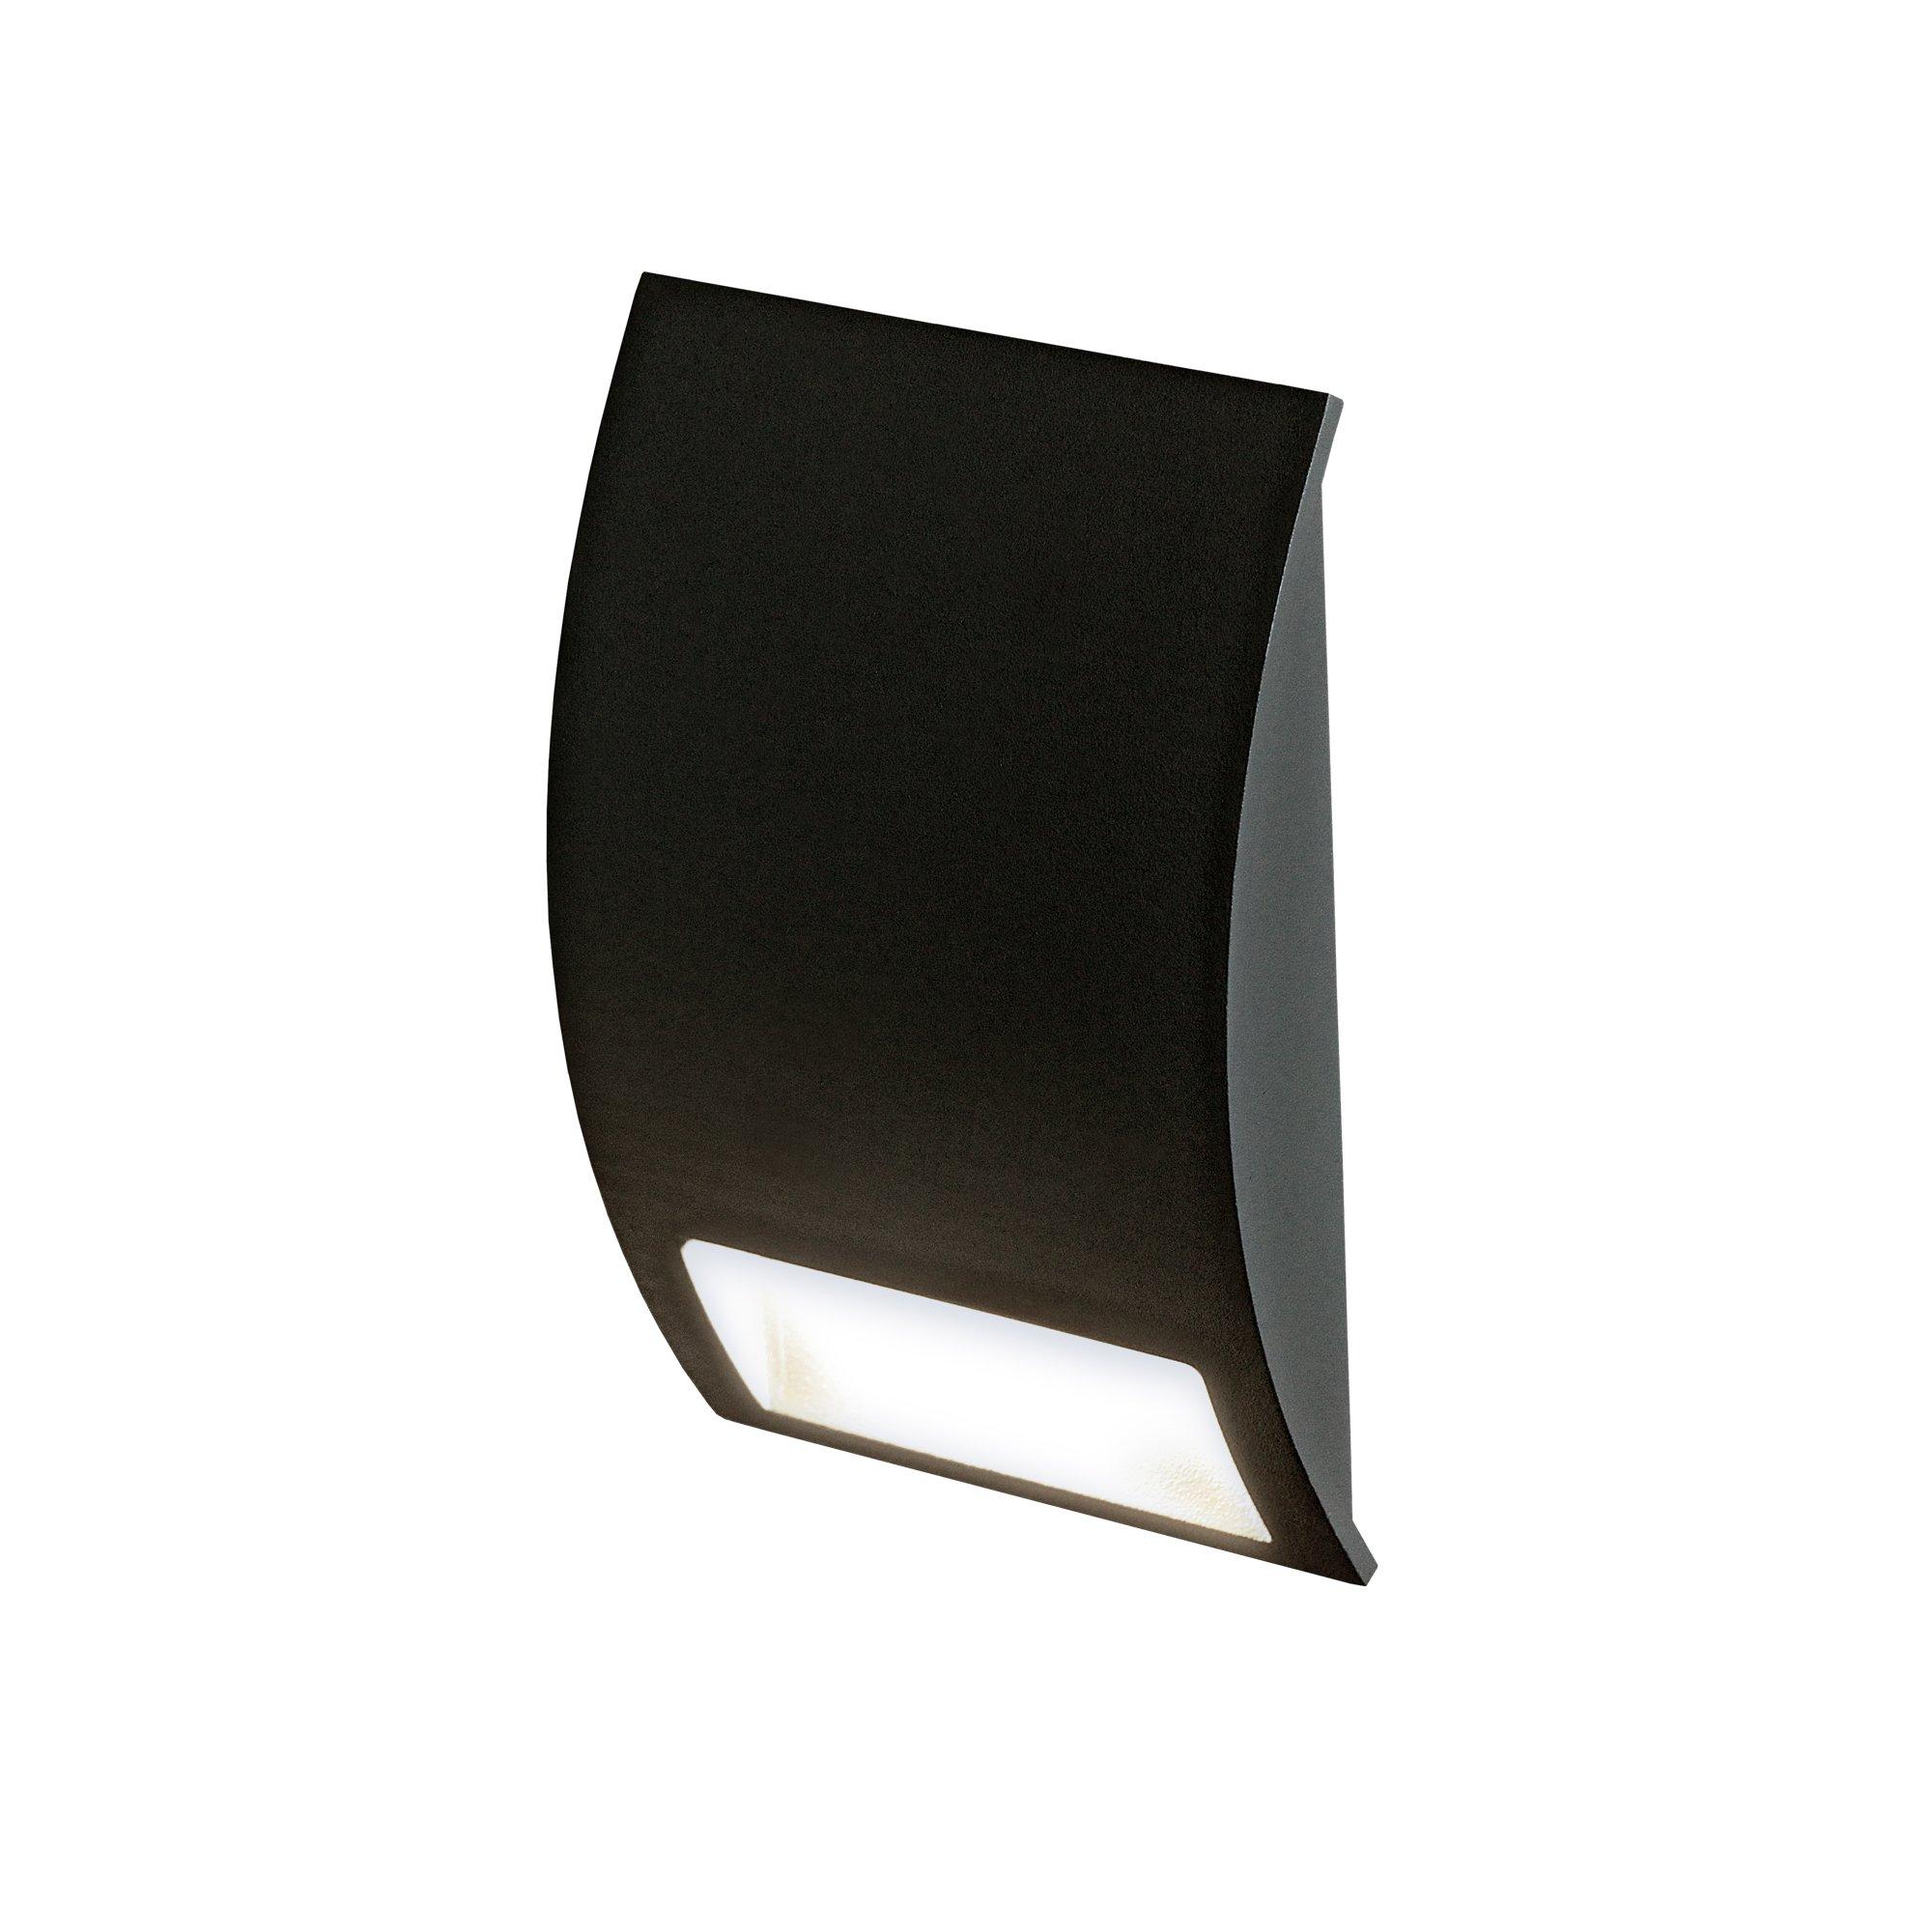 DALS Lighting LEDSTEP003D-BK 3'' Half Moon Indoor/Outdoor LED Step Light 3'', Black by DALS Lighting